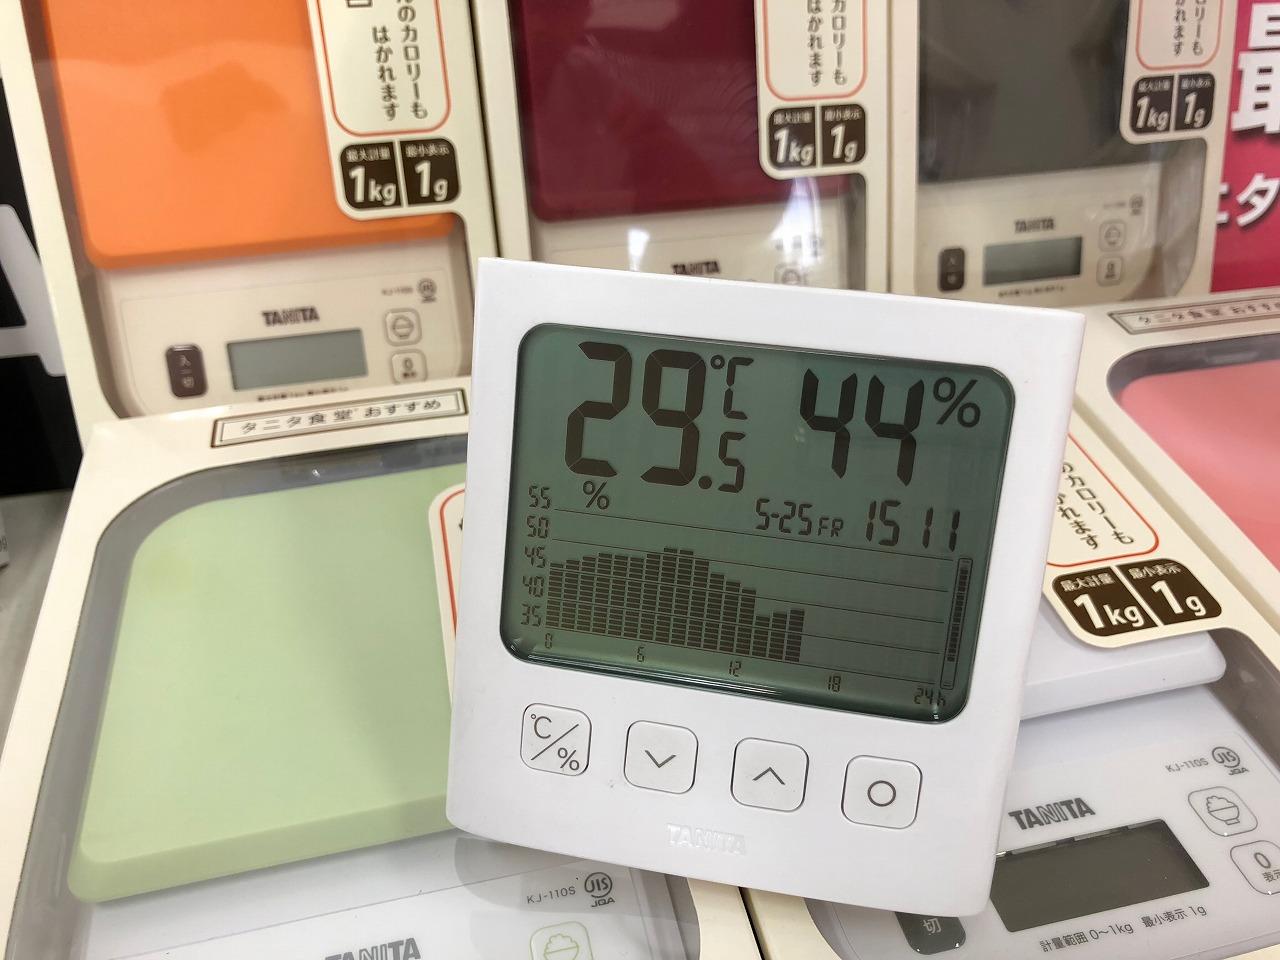 2018.5.25 はかりや店内の湿度変化 TT-581